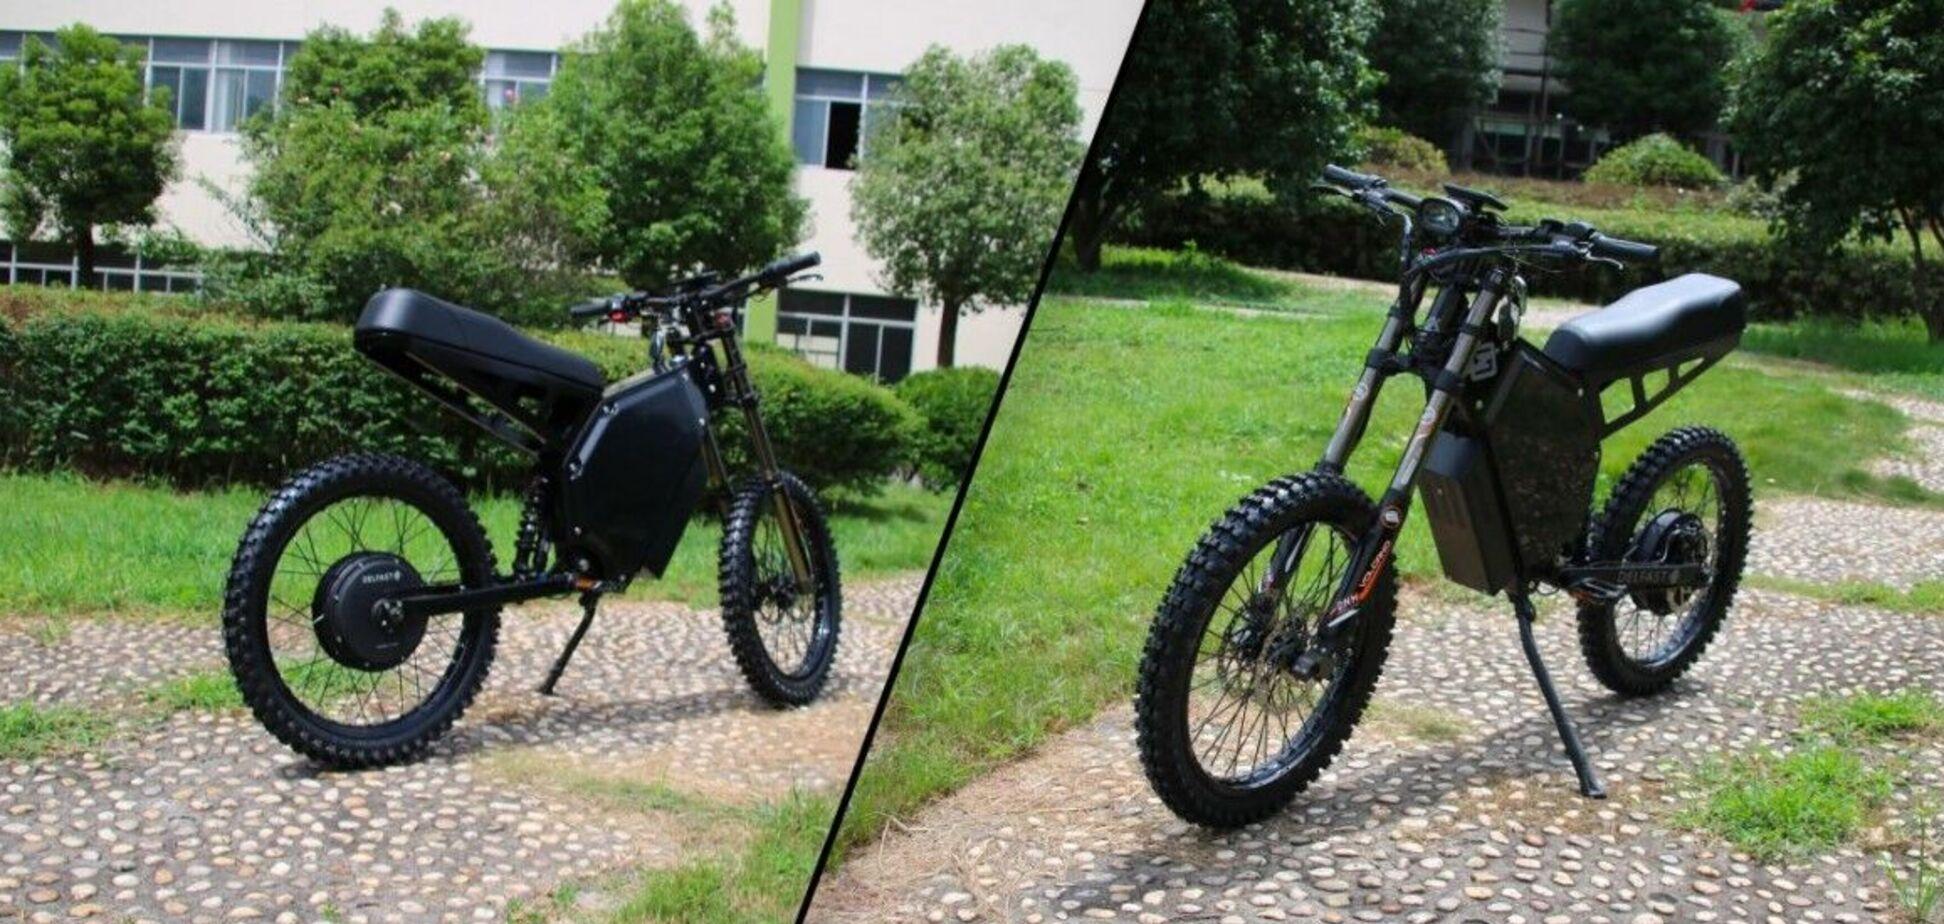 Українські електричні мотоцикли надійшли в продаж. Фото: firstgear.ua